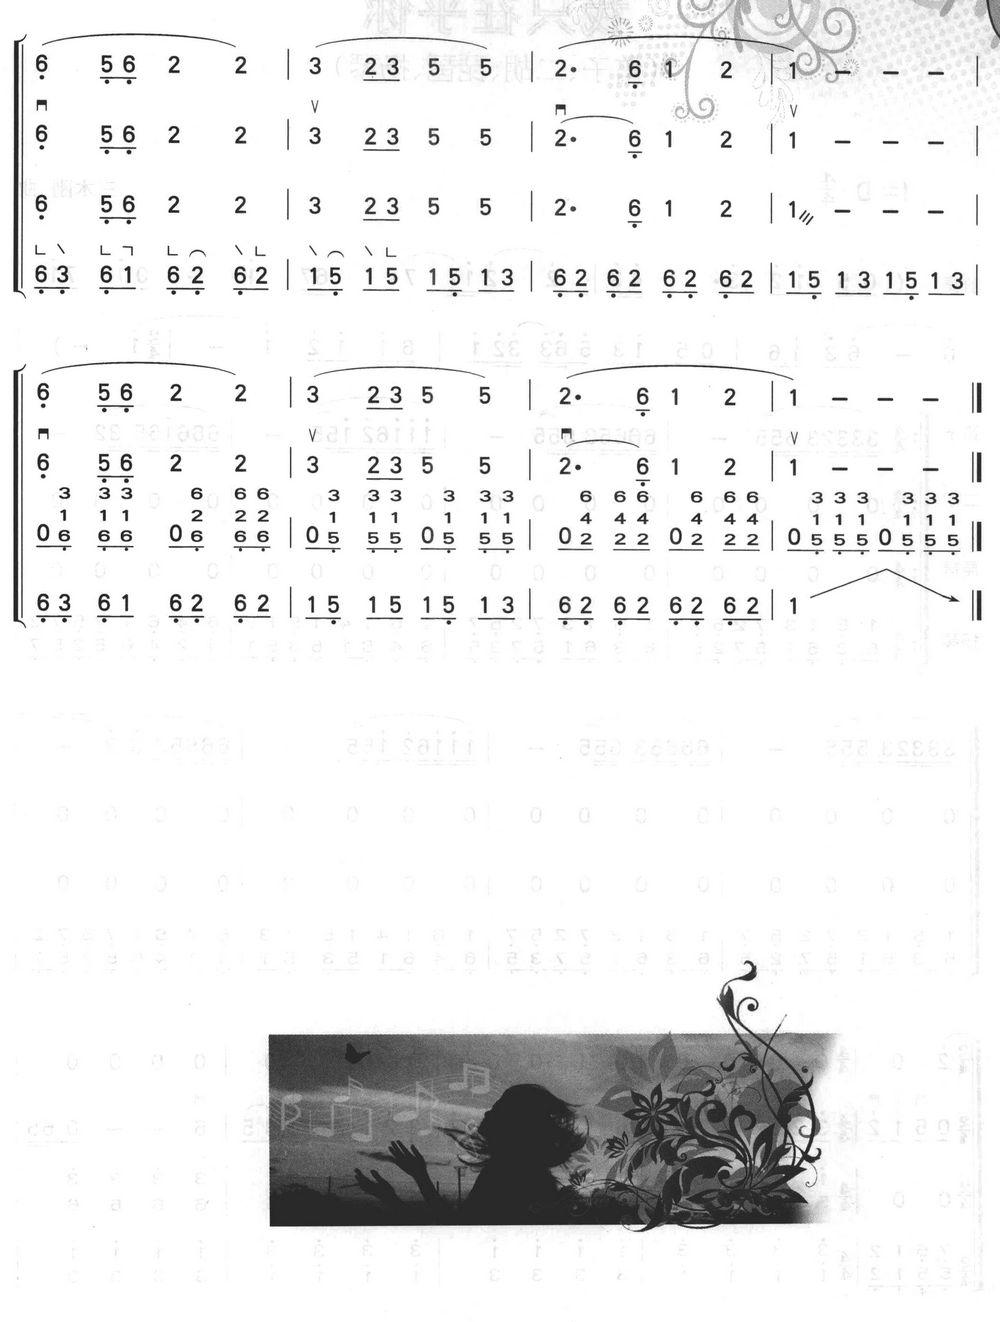 描述:似是故人来谱子图片分享下载似是故人来_王汉发(简谱) (607x739